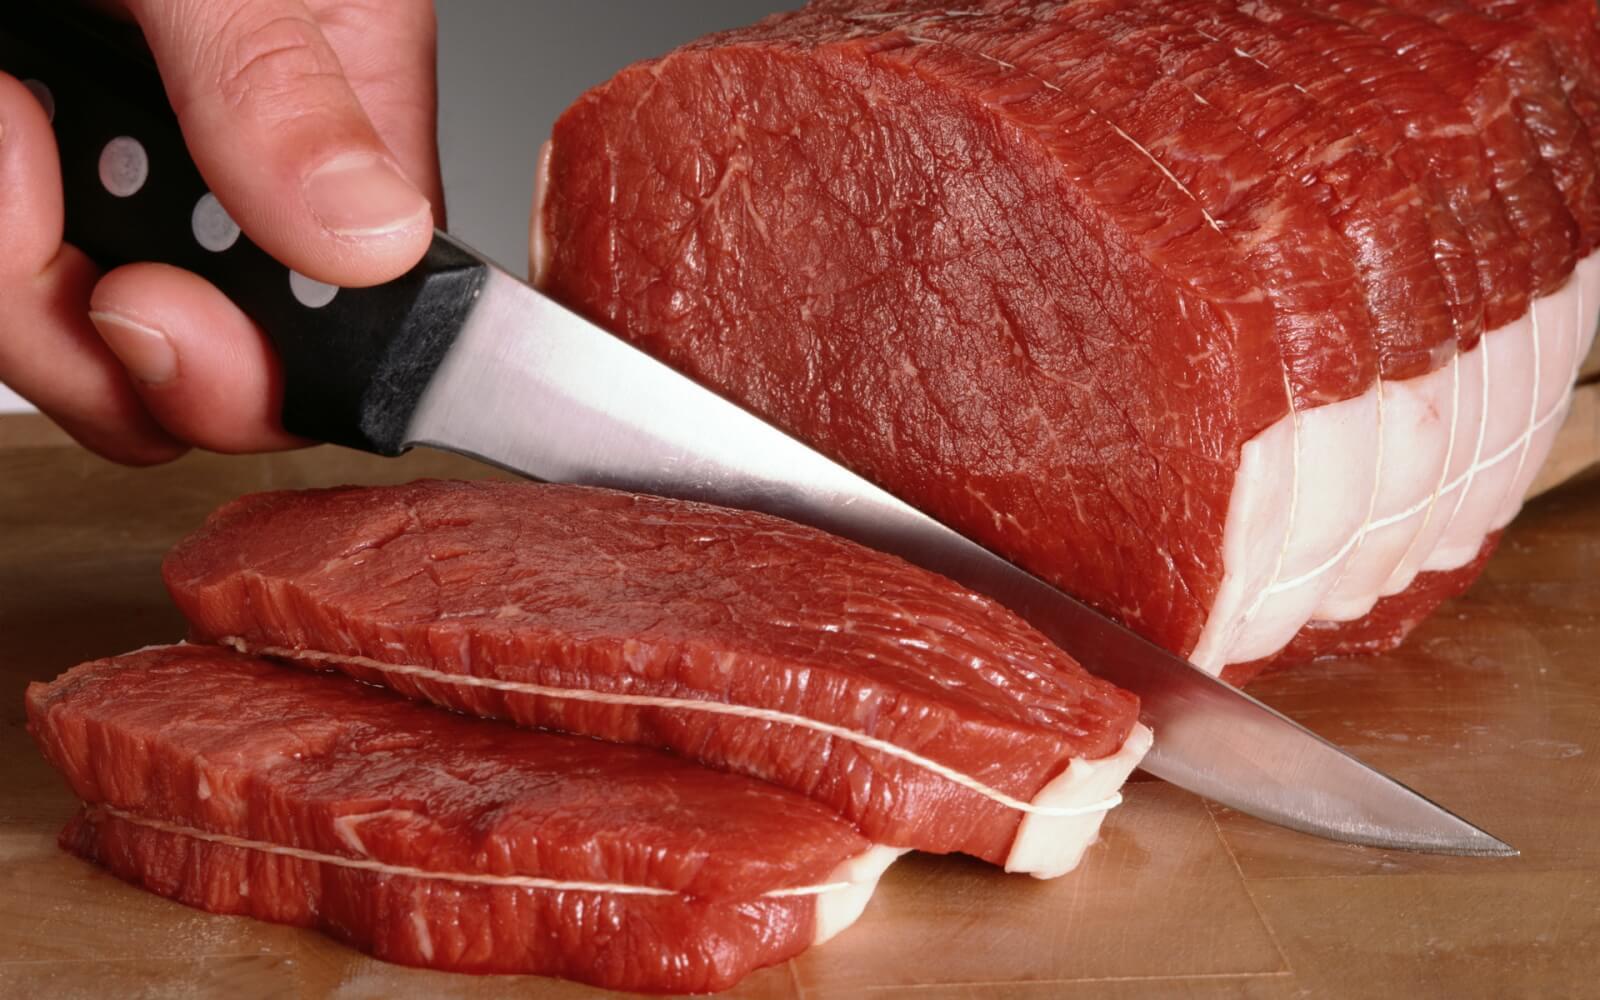 Чем опасно отравление мясом, симптомы, первая помощь